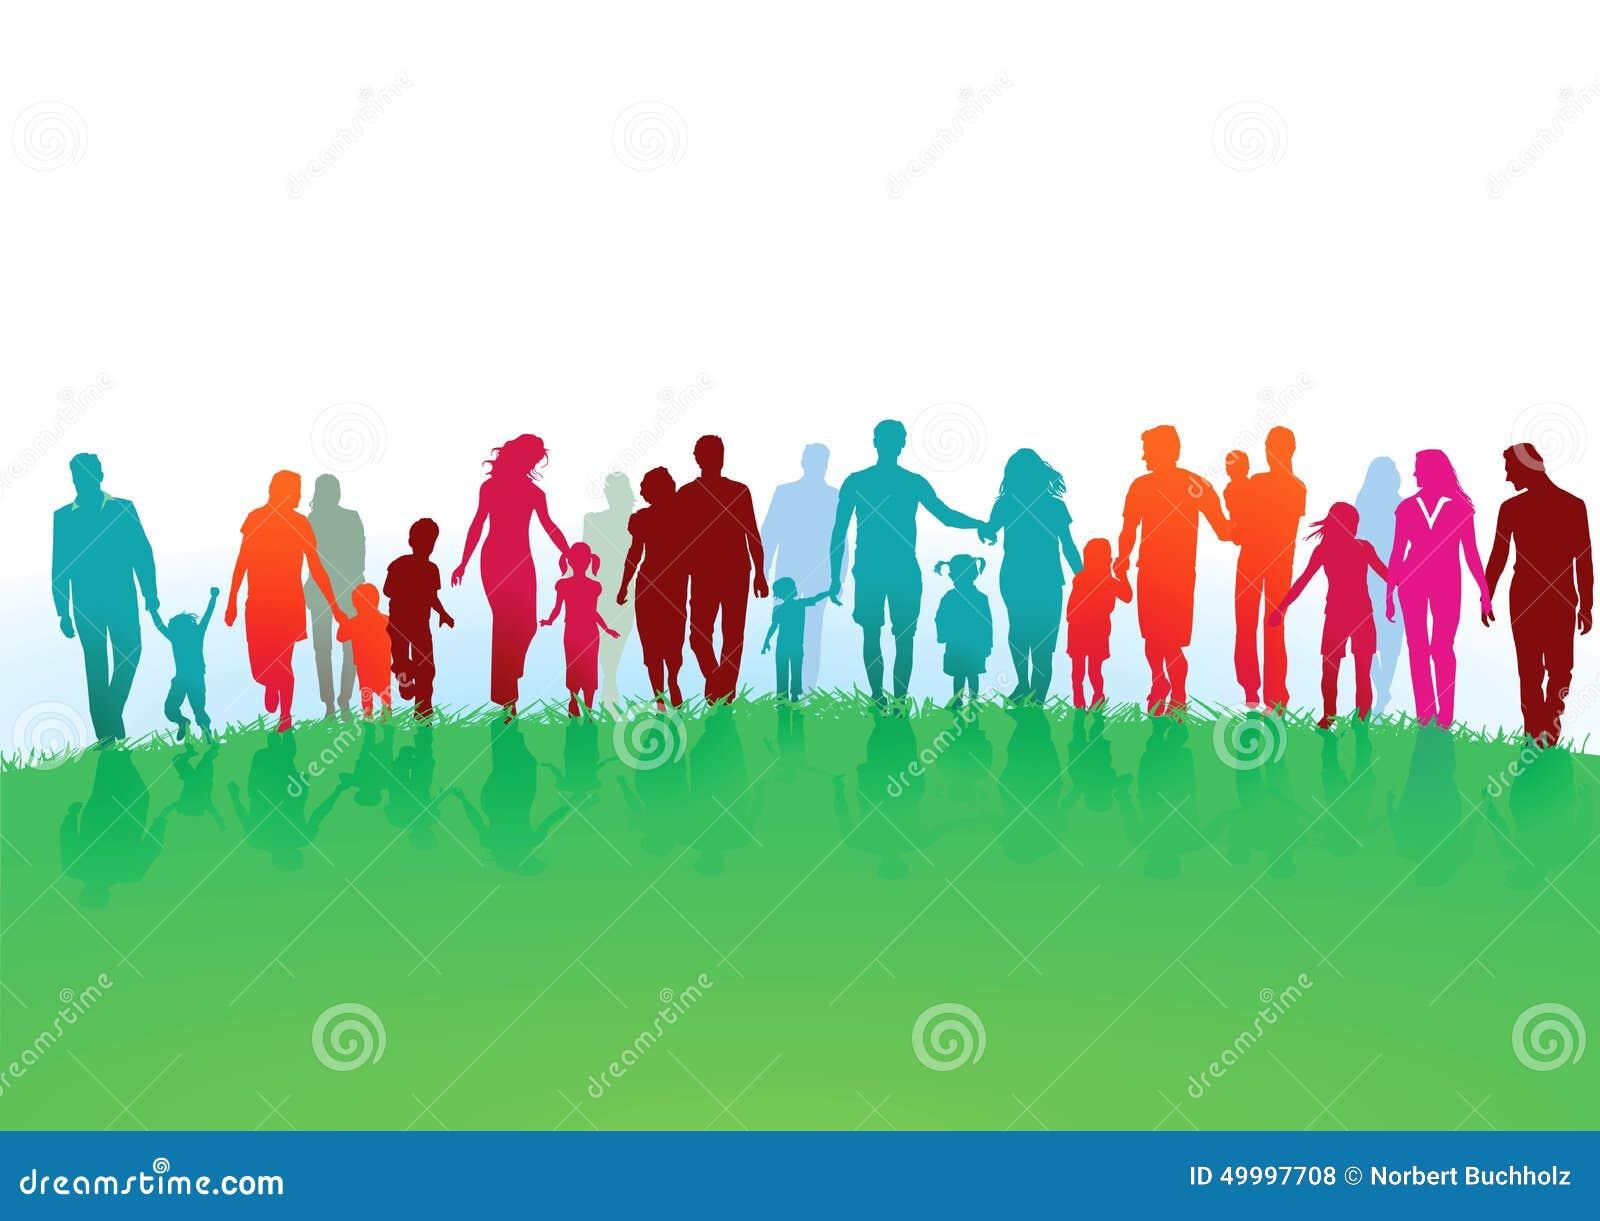 Families walking in green field